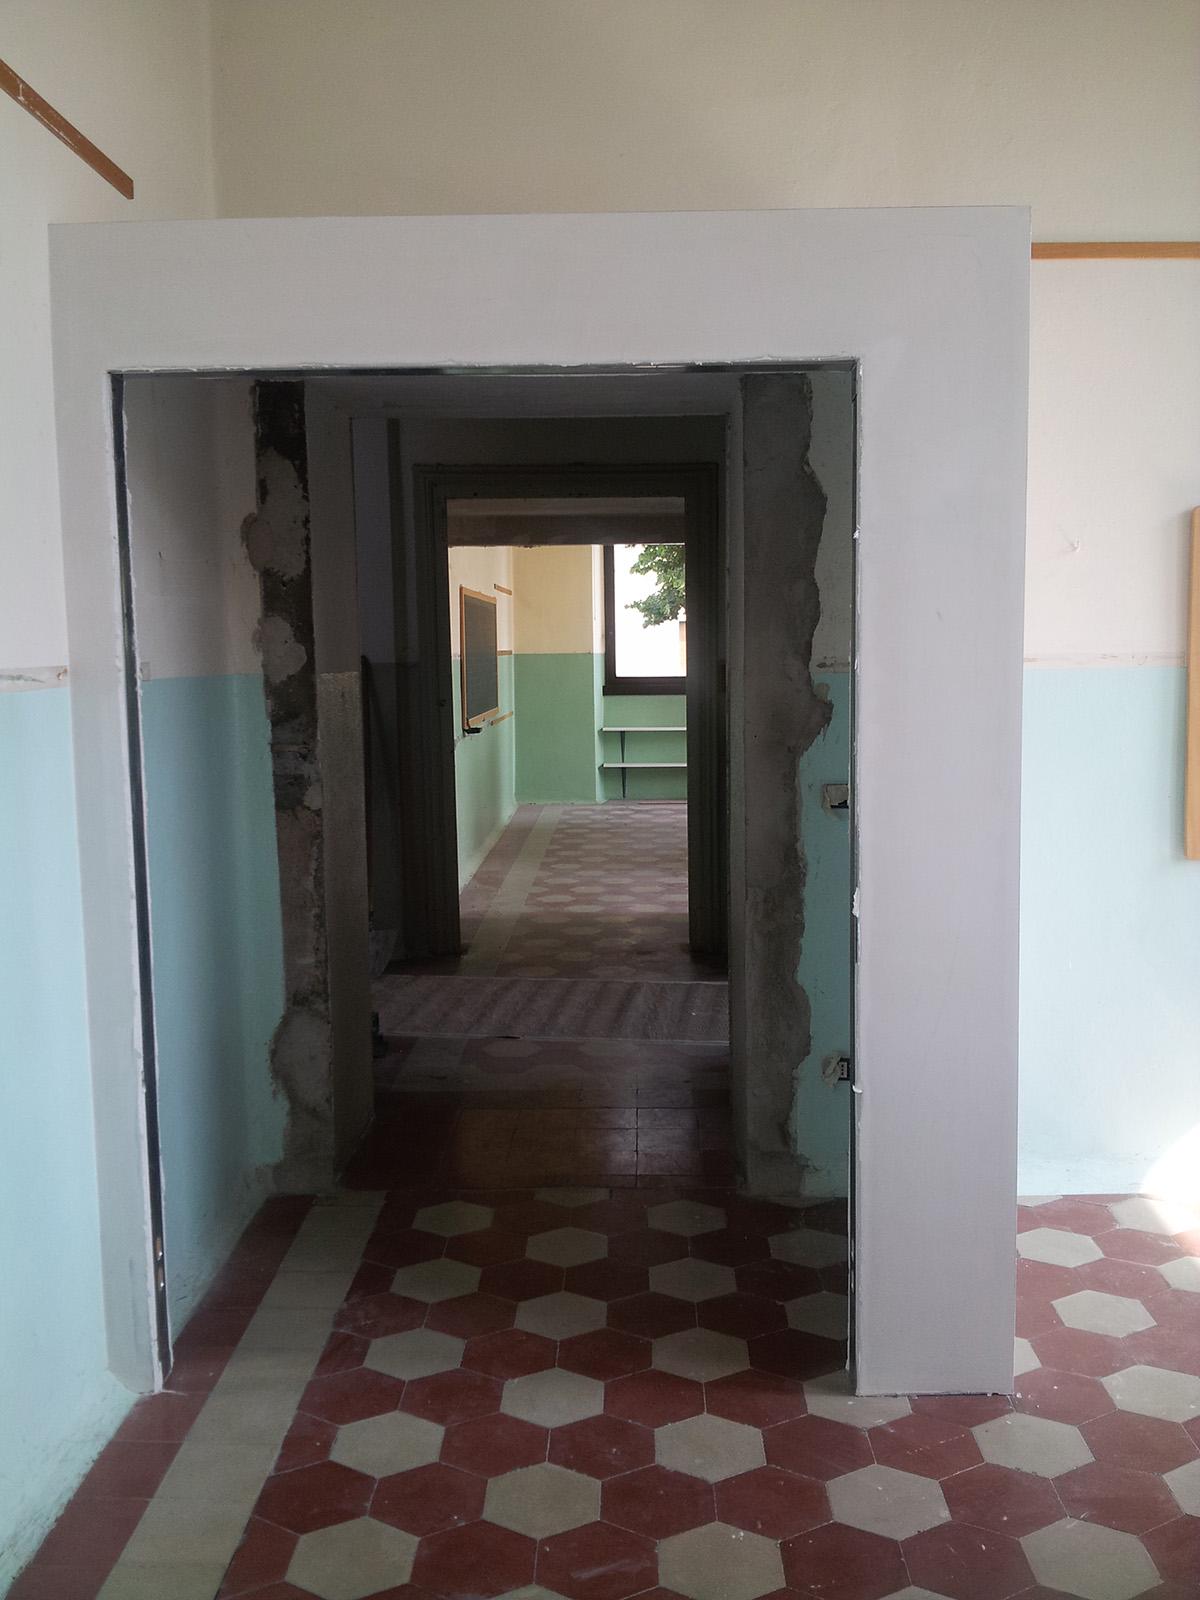 Perico-Renato-Pradalunga (BG) - Scuola comunale - Manutenzione straordinaria 11